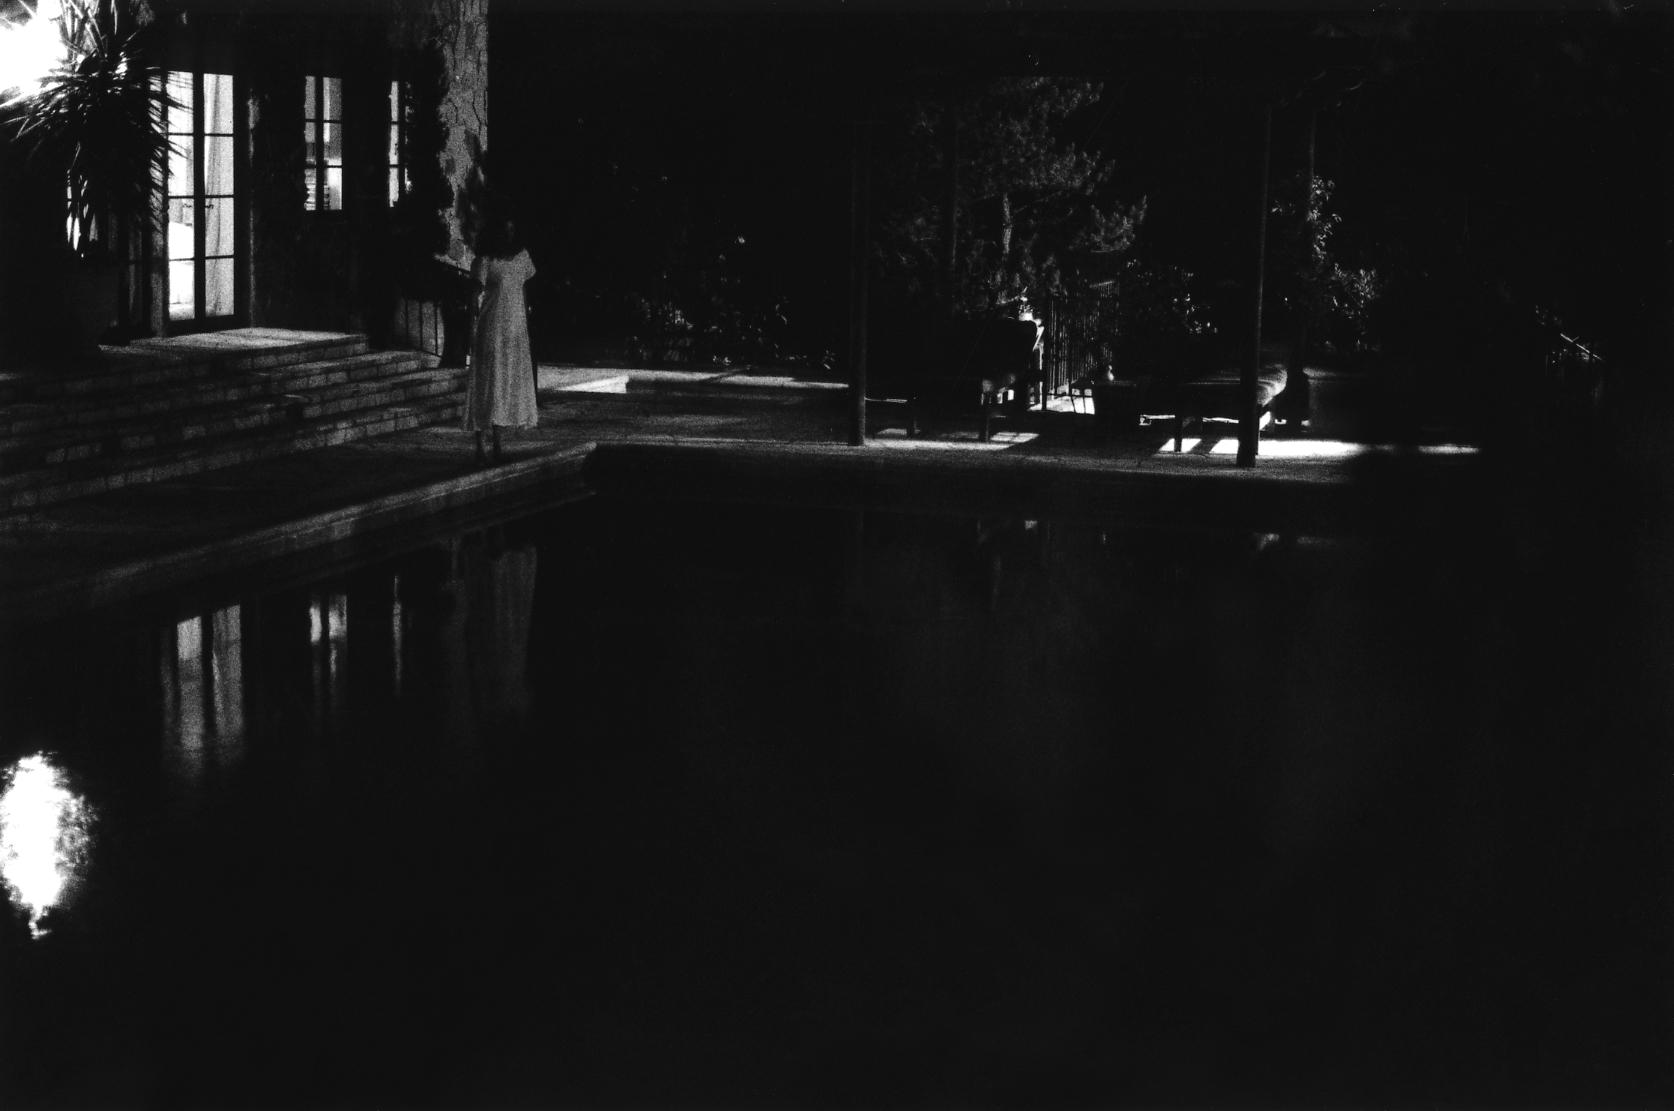 Nocturne #1